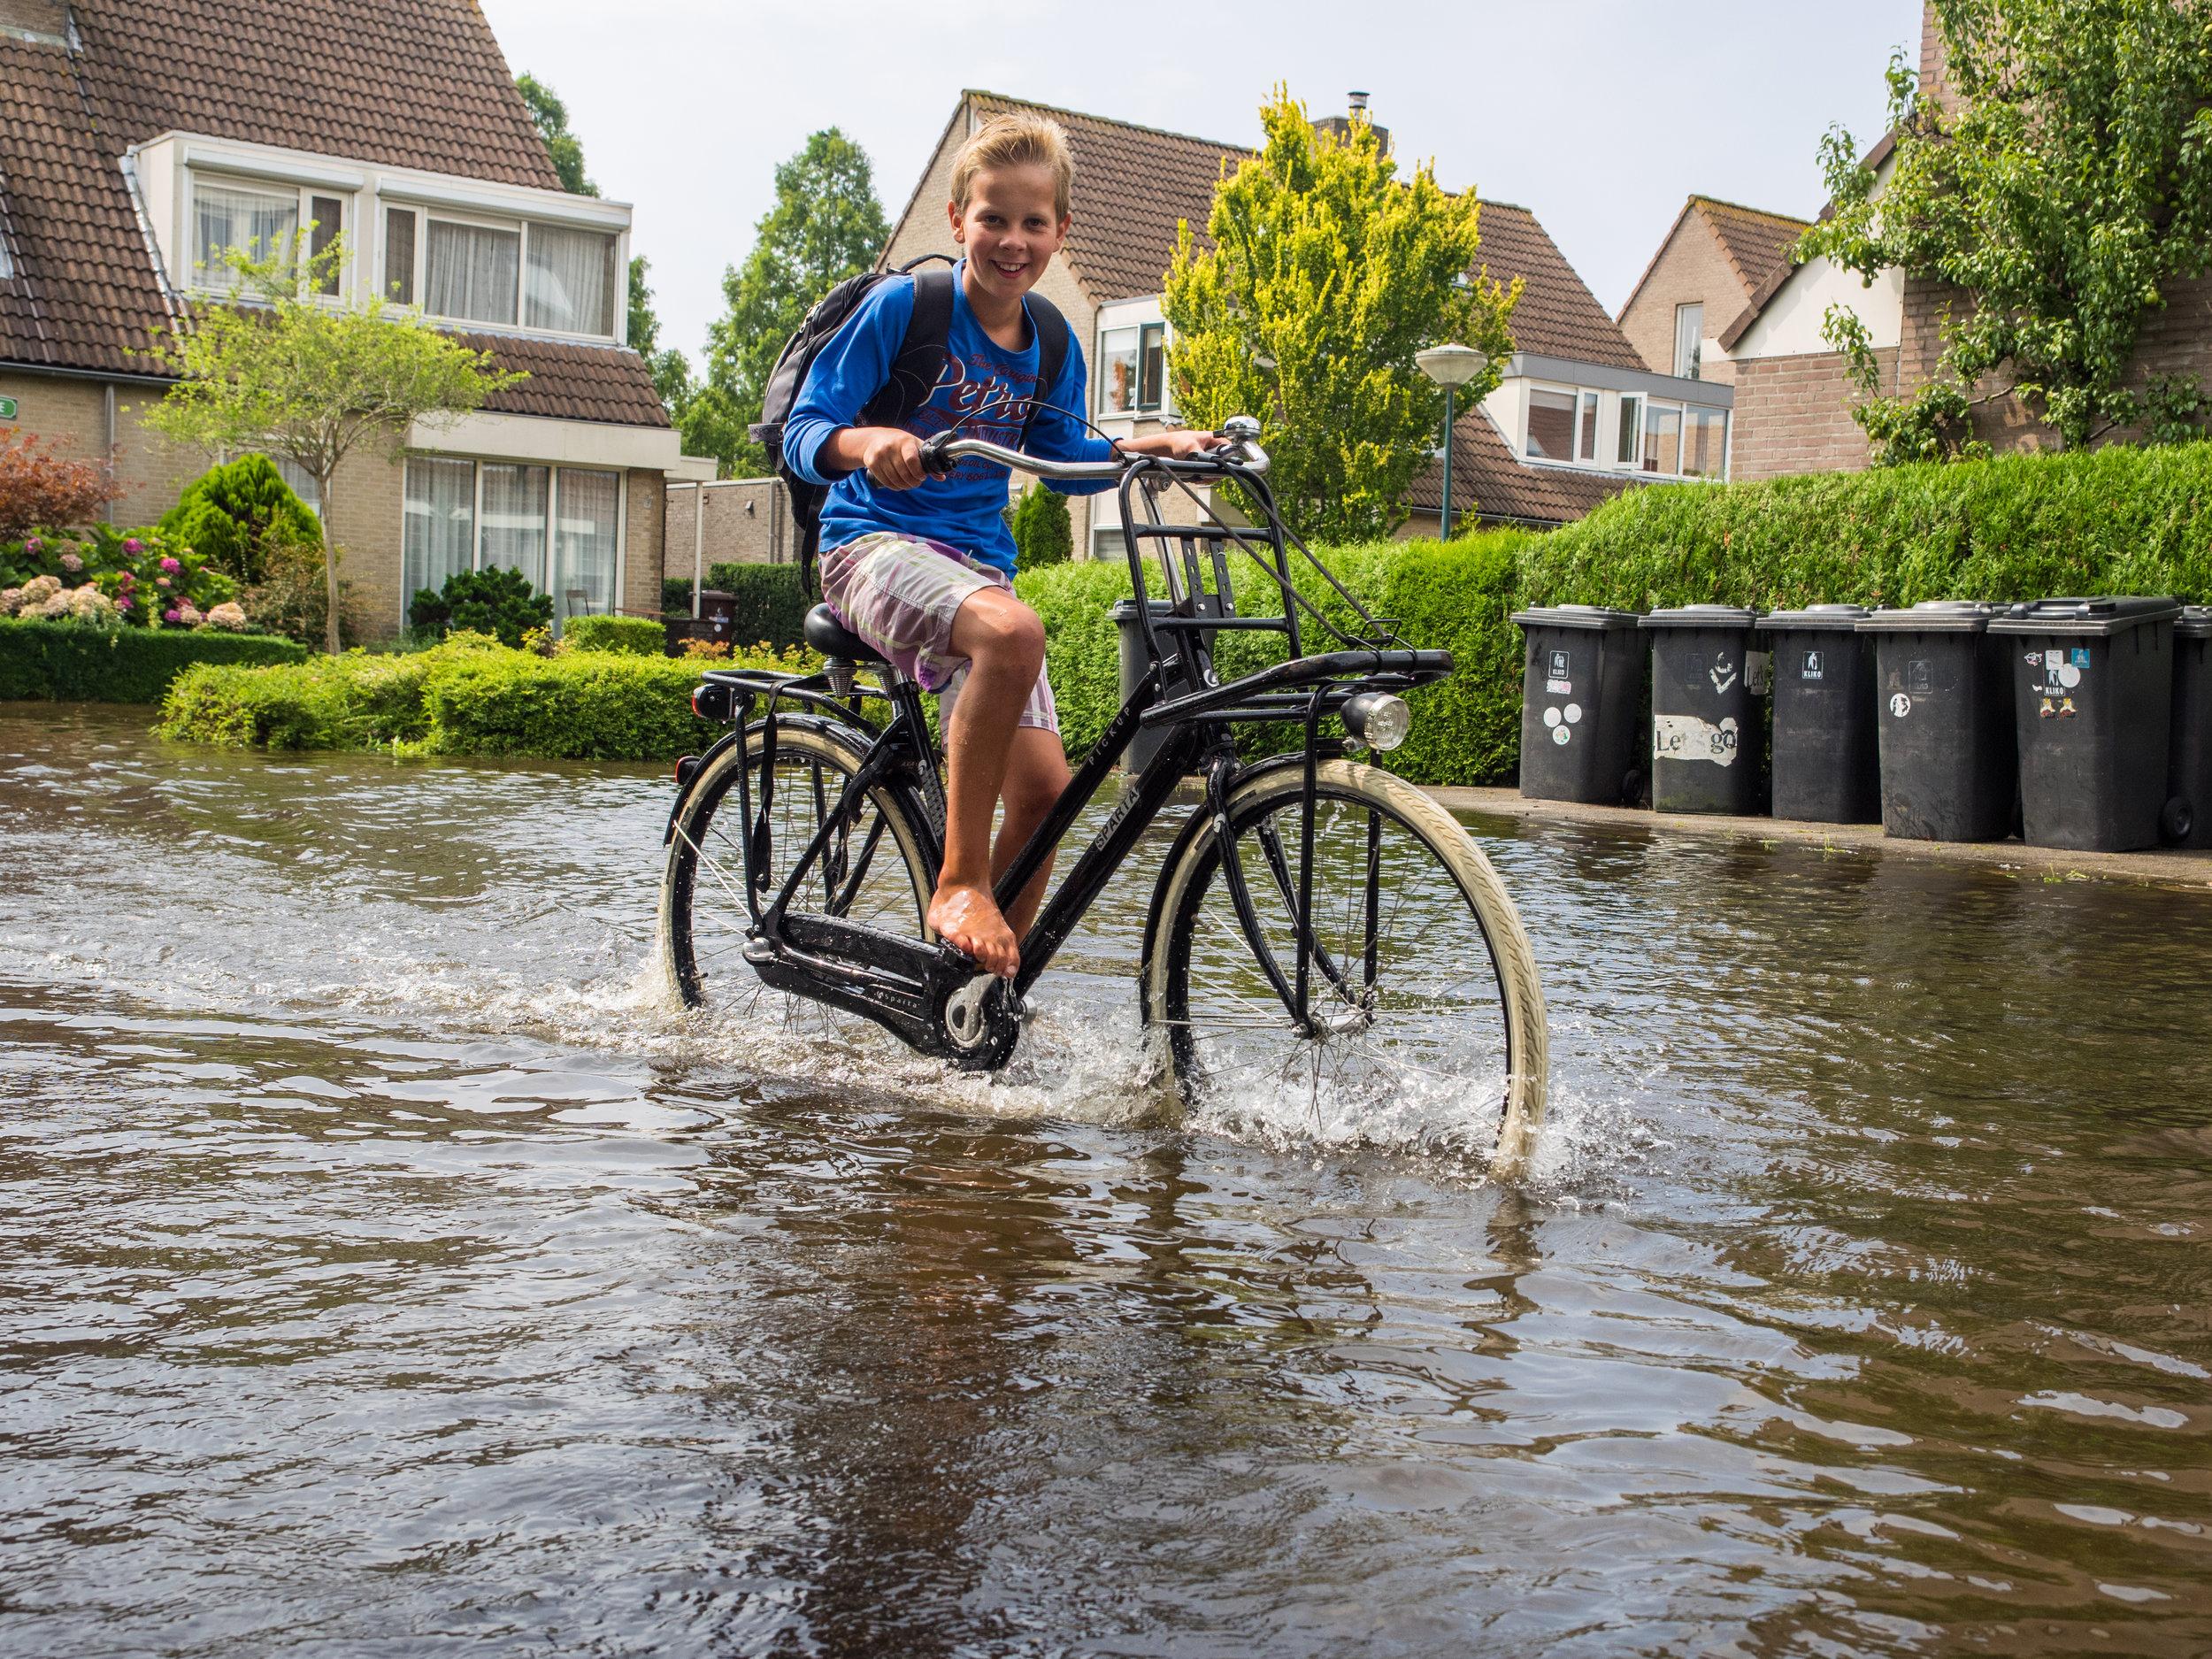 Arnoud van otterloo   https://www.flickr.com/photos/avanotterloo/14770481572/